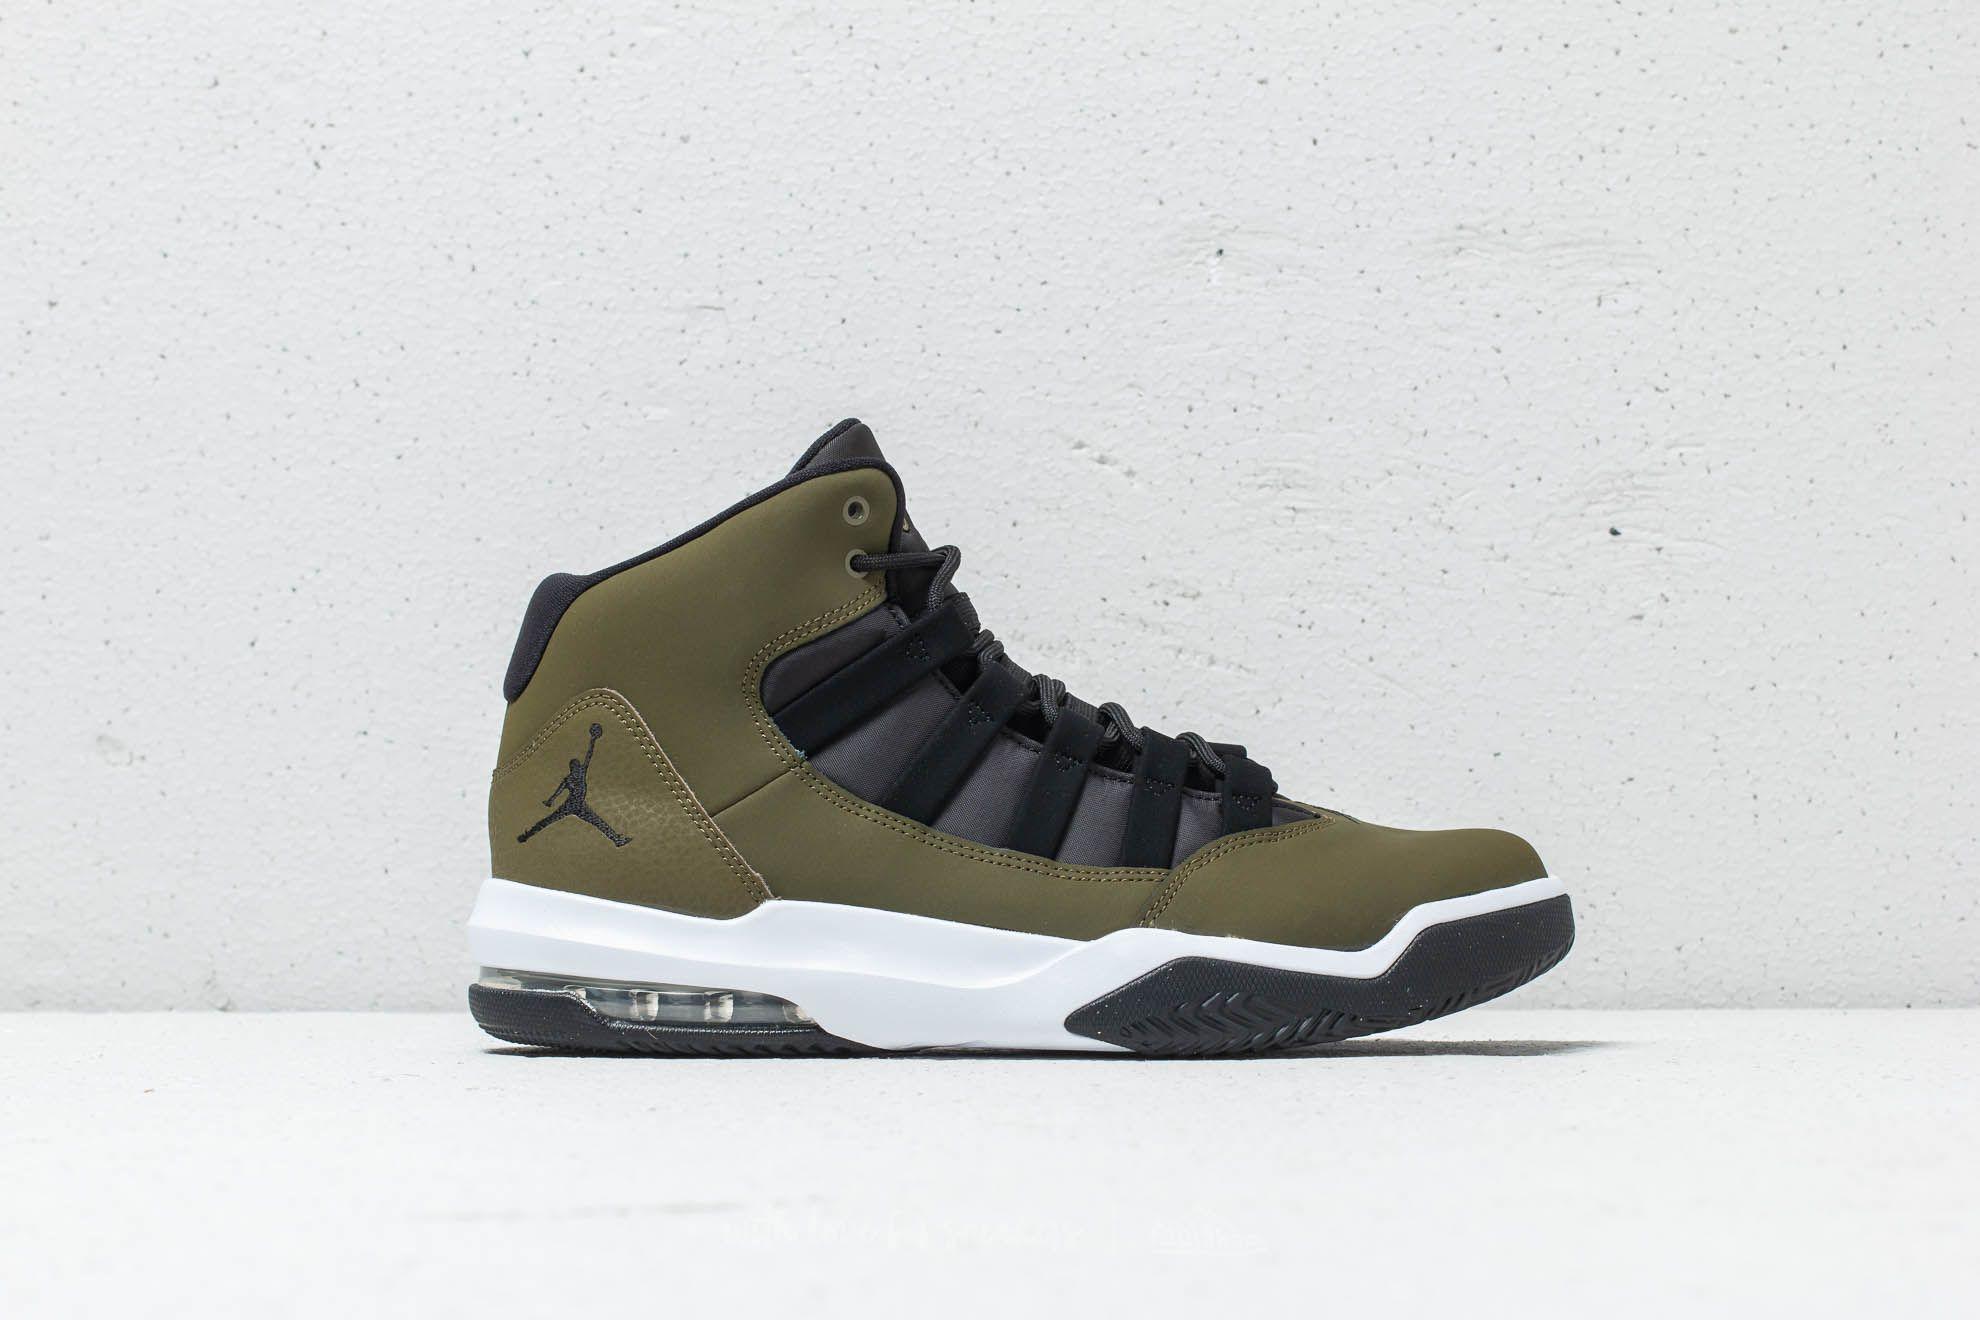 shoes Jordan Max Aura Olive Canvas